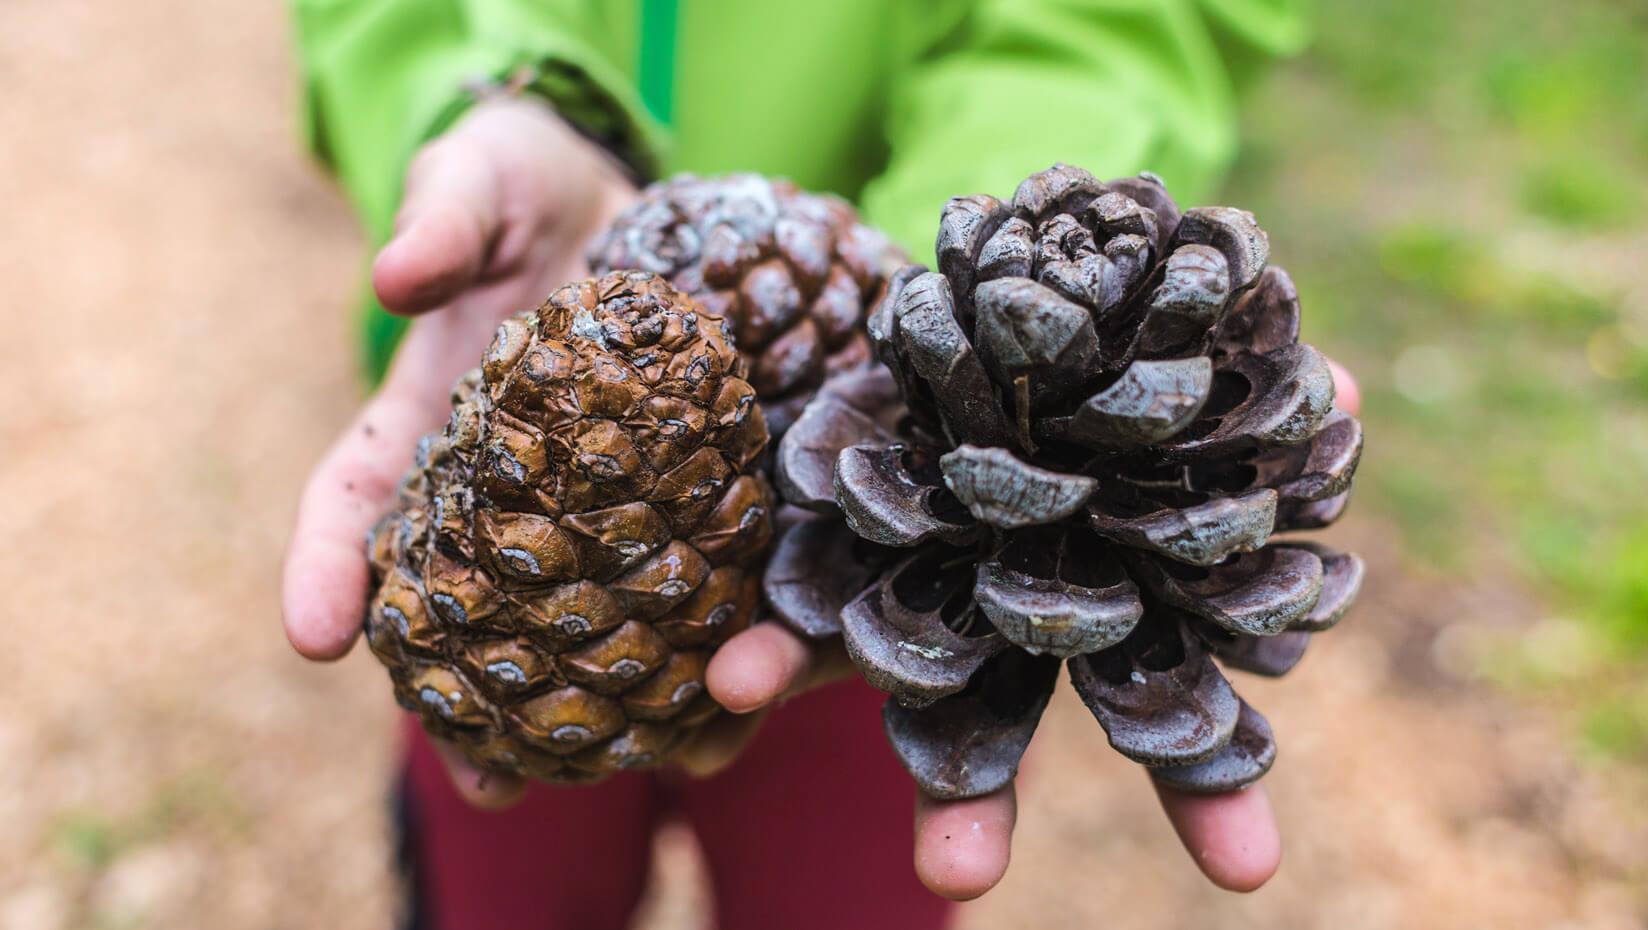 Hands holding pine cones